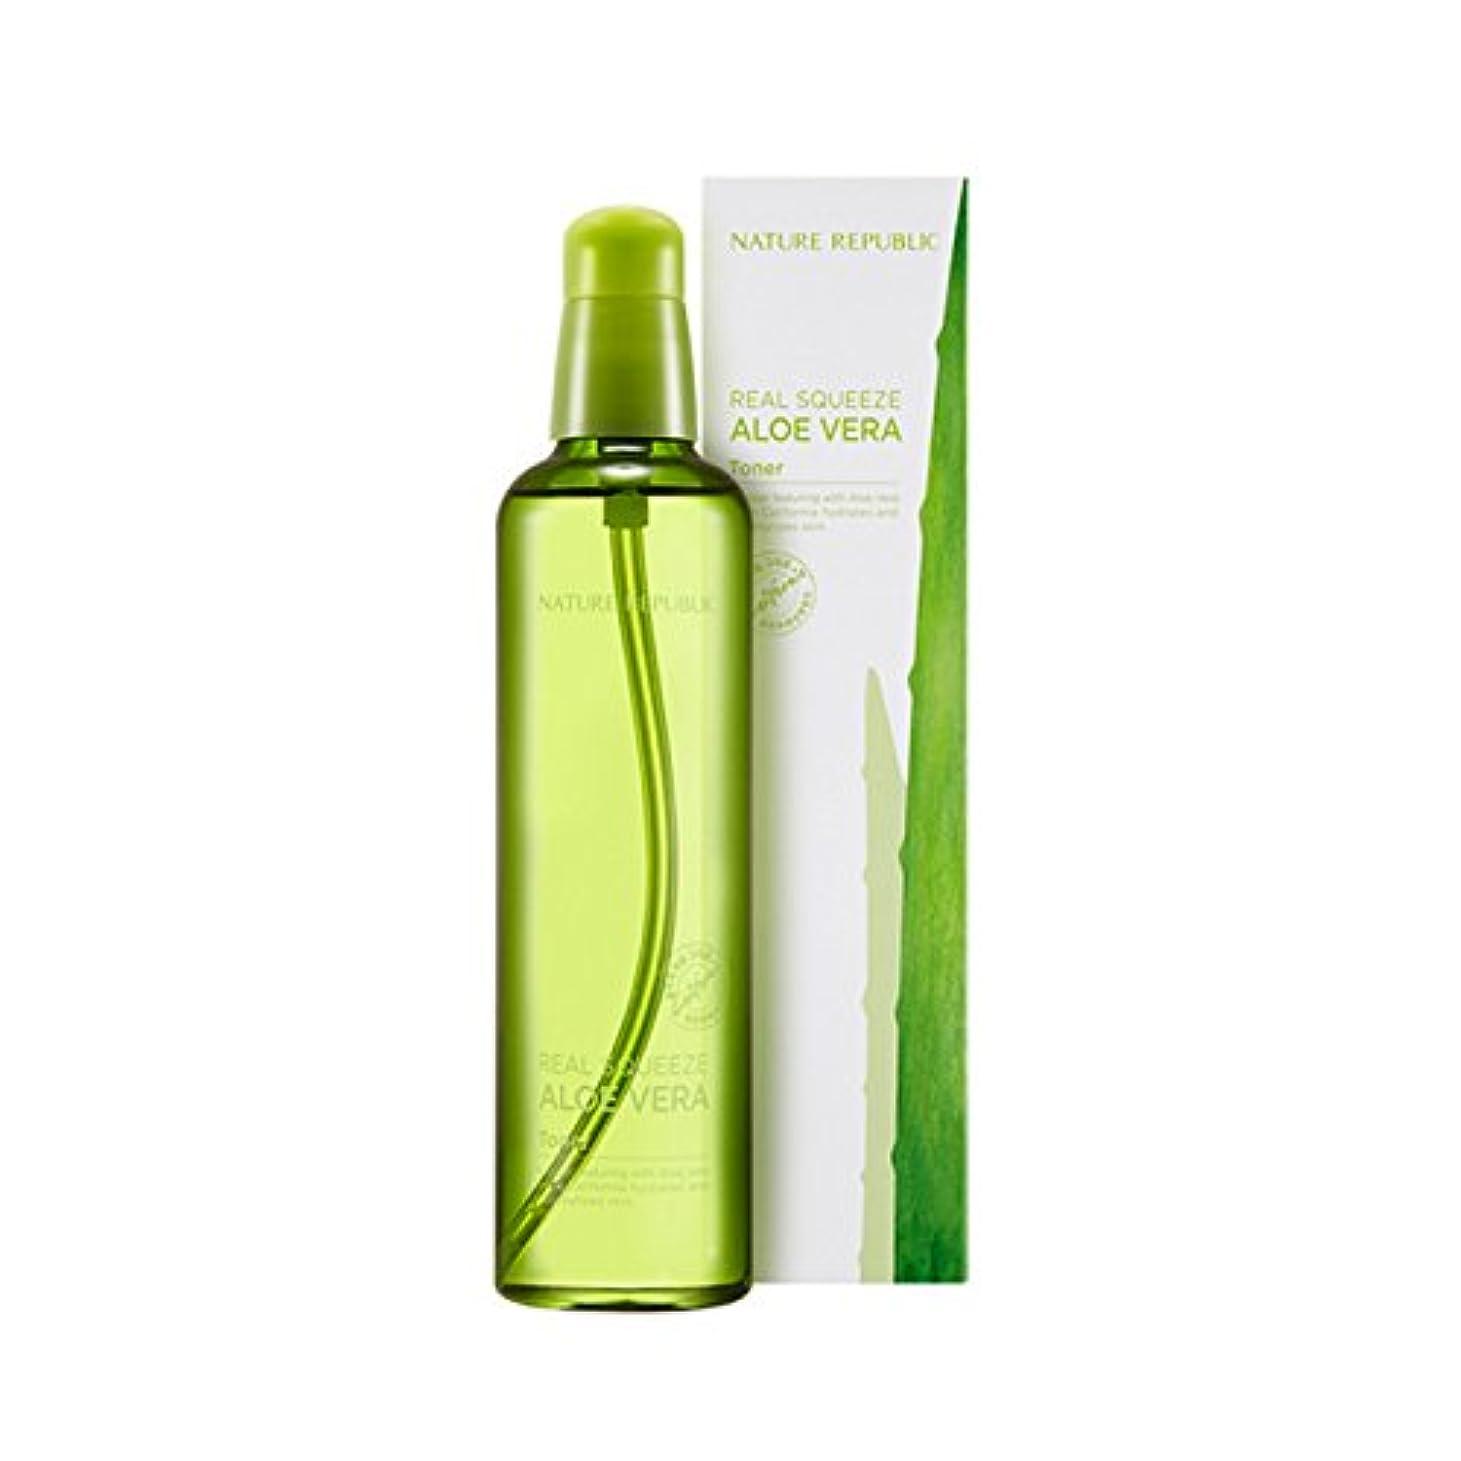 熟す大事にする遠足[ネイチャーリパブリック] Nature Republic リアルスクイーズアロエベラエマルジョントナー Real Squeeze Aloe Vera Emulsion Toner (Toner) [並行輸入品]